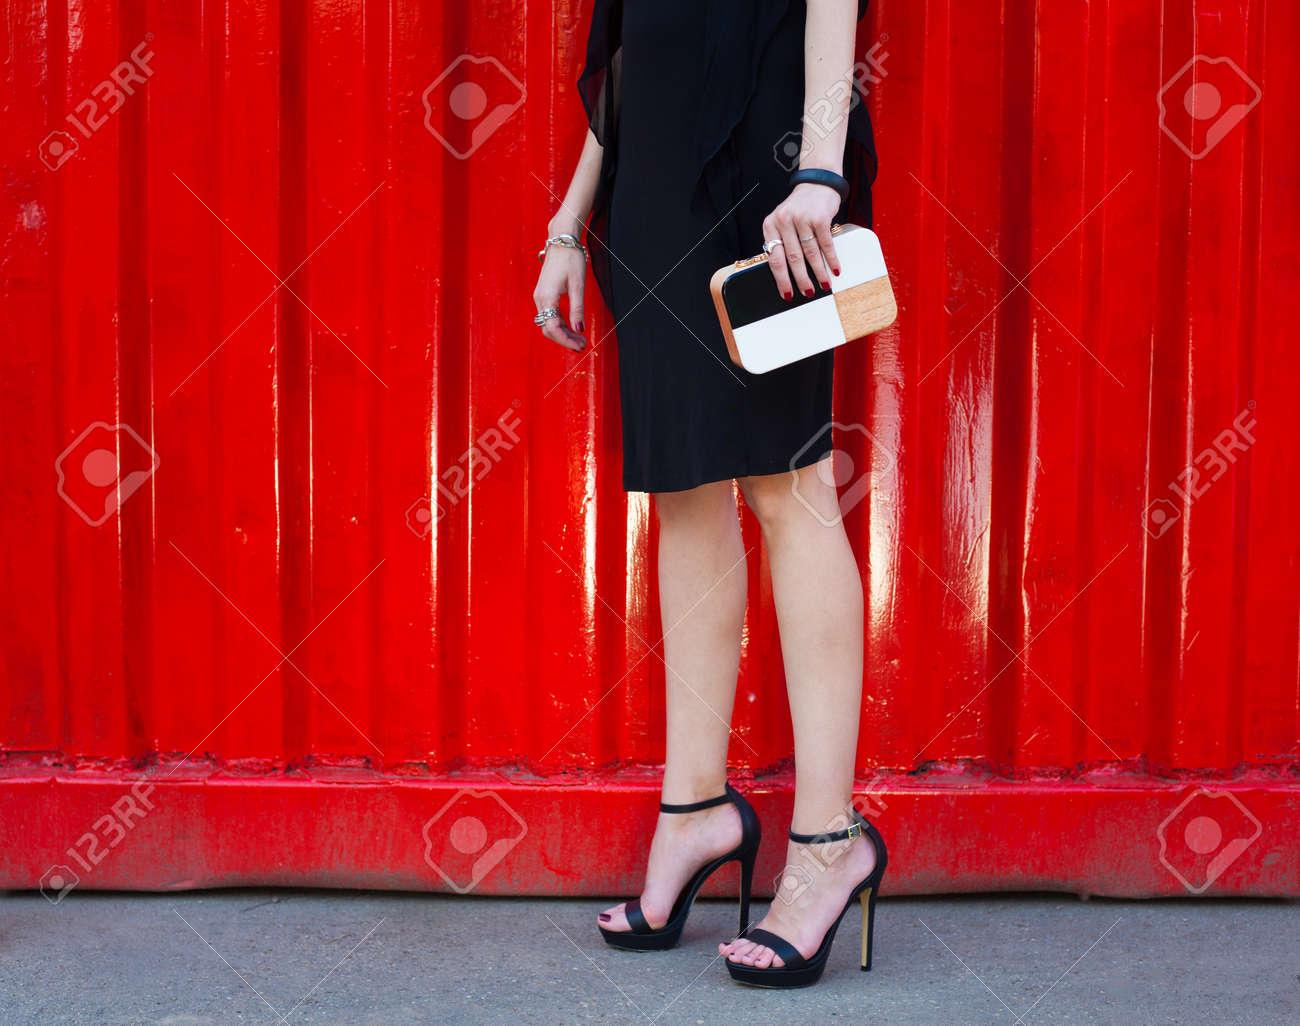 1f4755cda3e Fille Avec De Longues Jambes Dans Une Courte Robe Noire Et à La Mode Des  Chaussures Noires à Talons Hauts Debout Sur Un Fond Rouge Avec Un Embrayage  à La ...